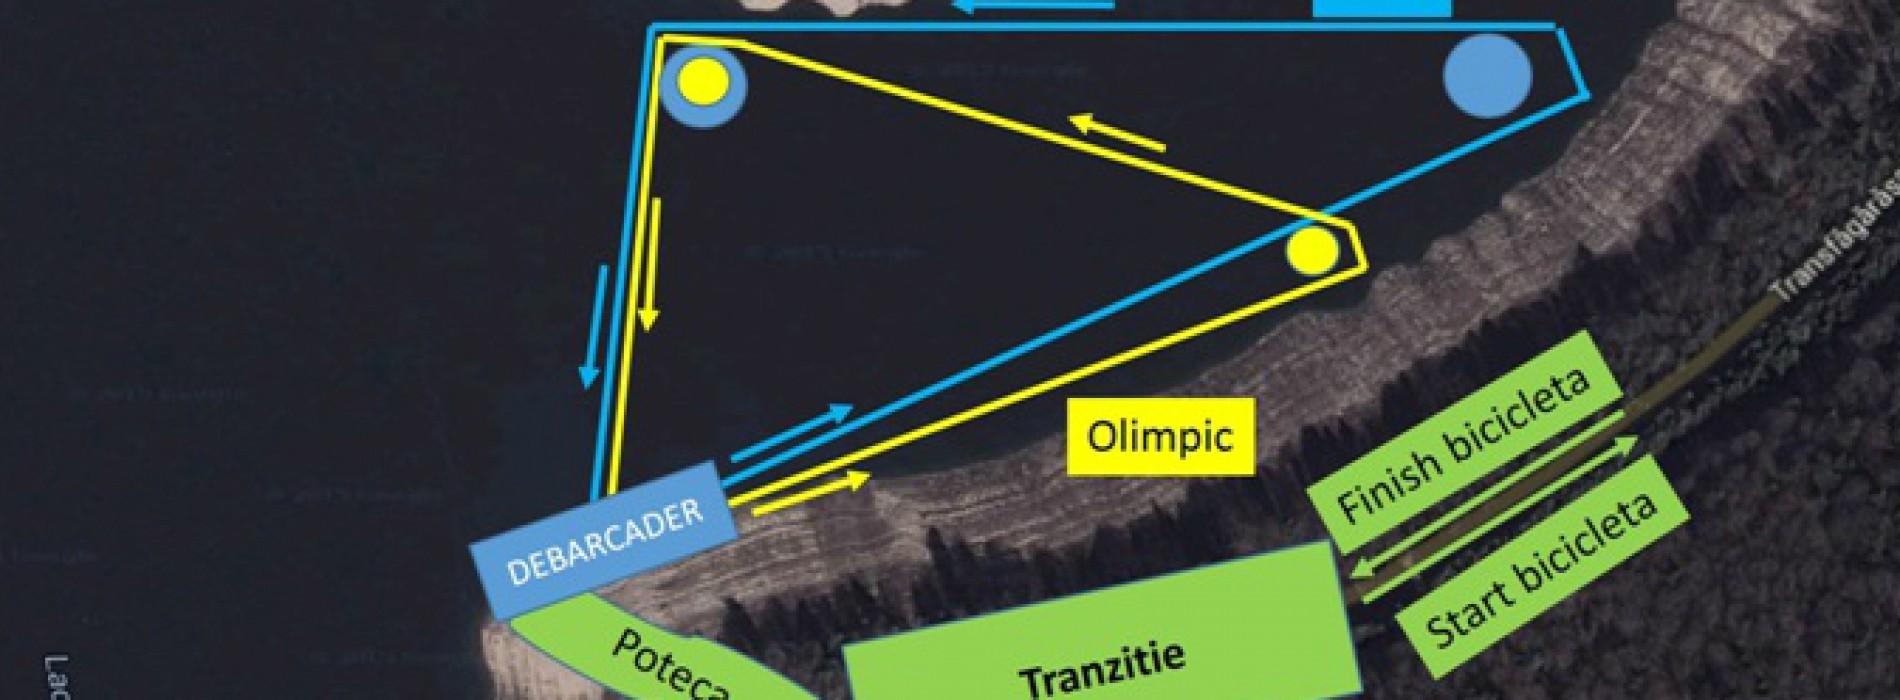 Aviz călătorillor! Triatlonul închide Transfăgărășanul pe 25 iulie